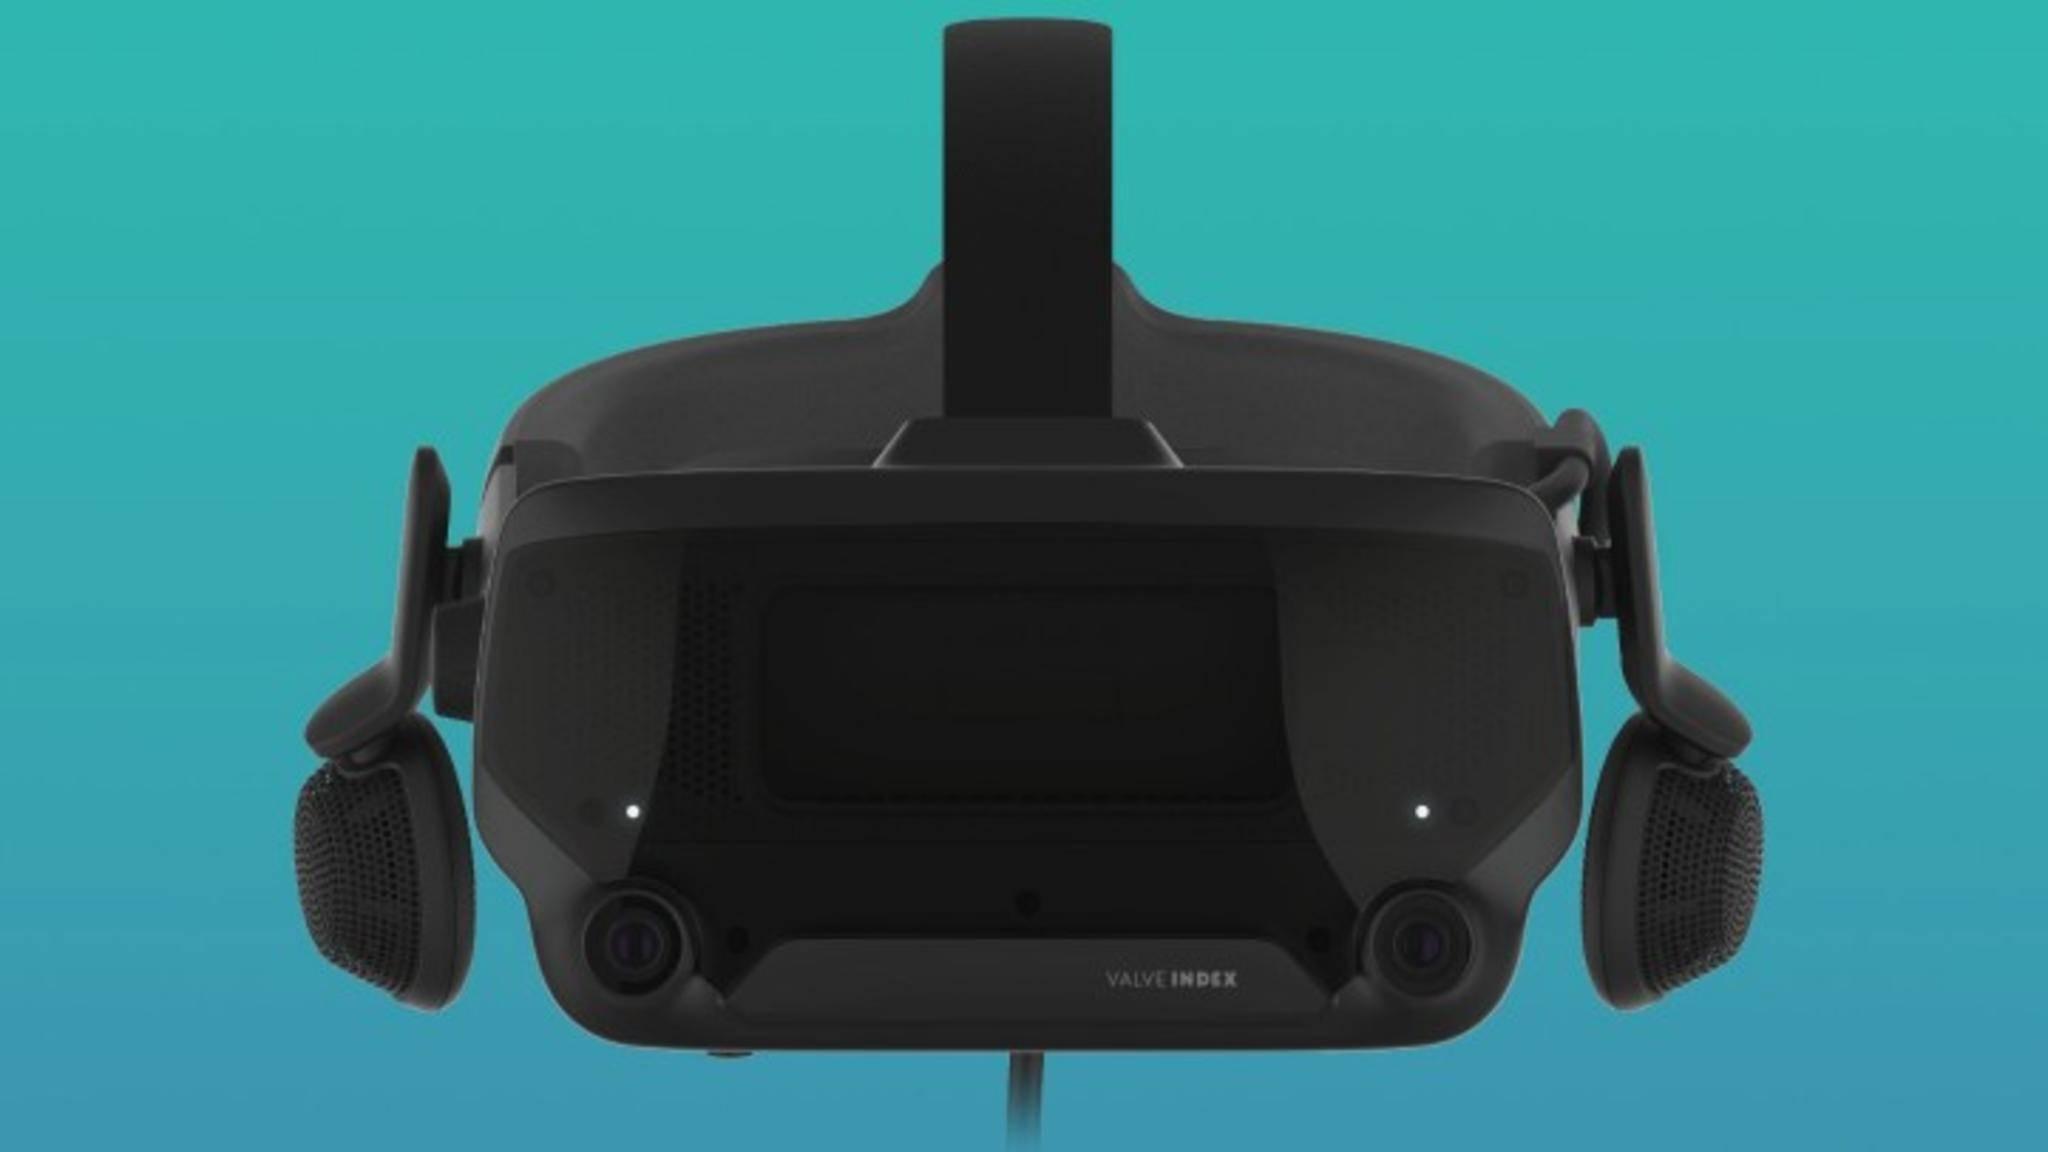 Valve Index: So wird das VR-Headset aussehen.